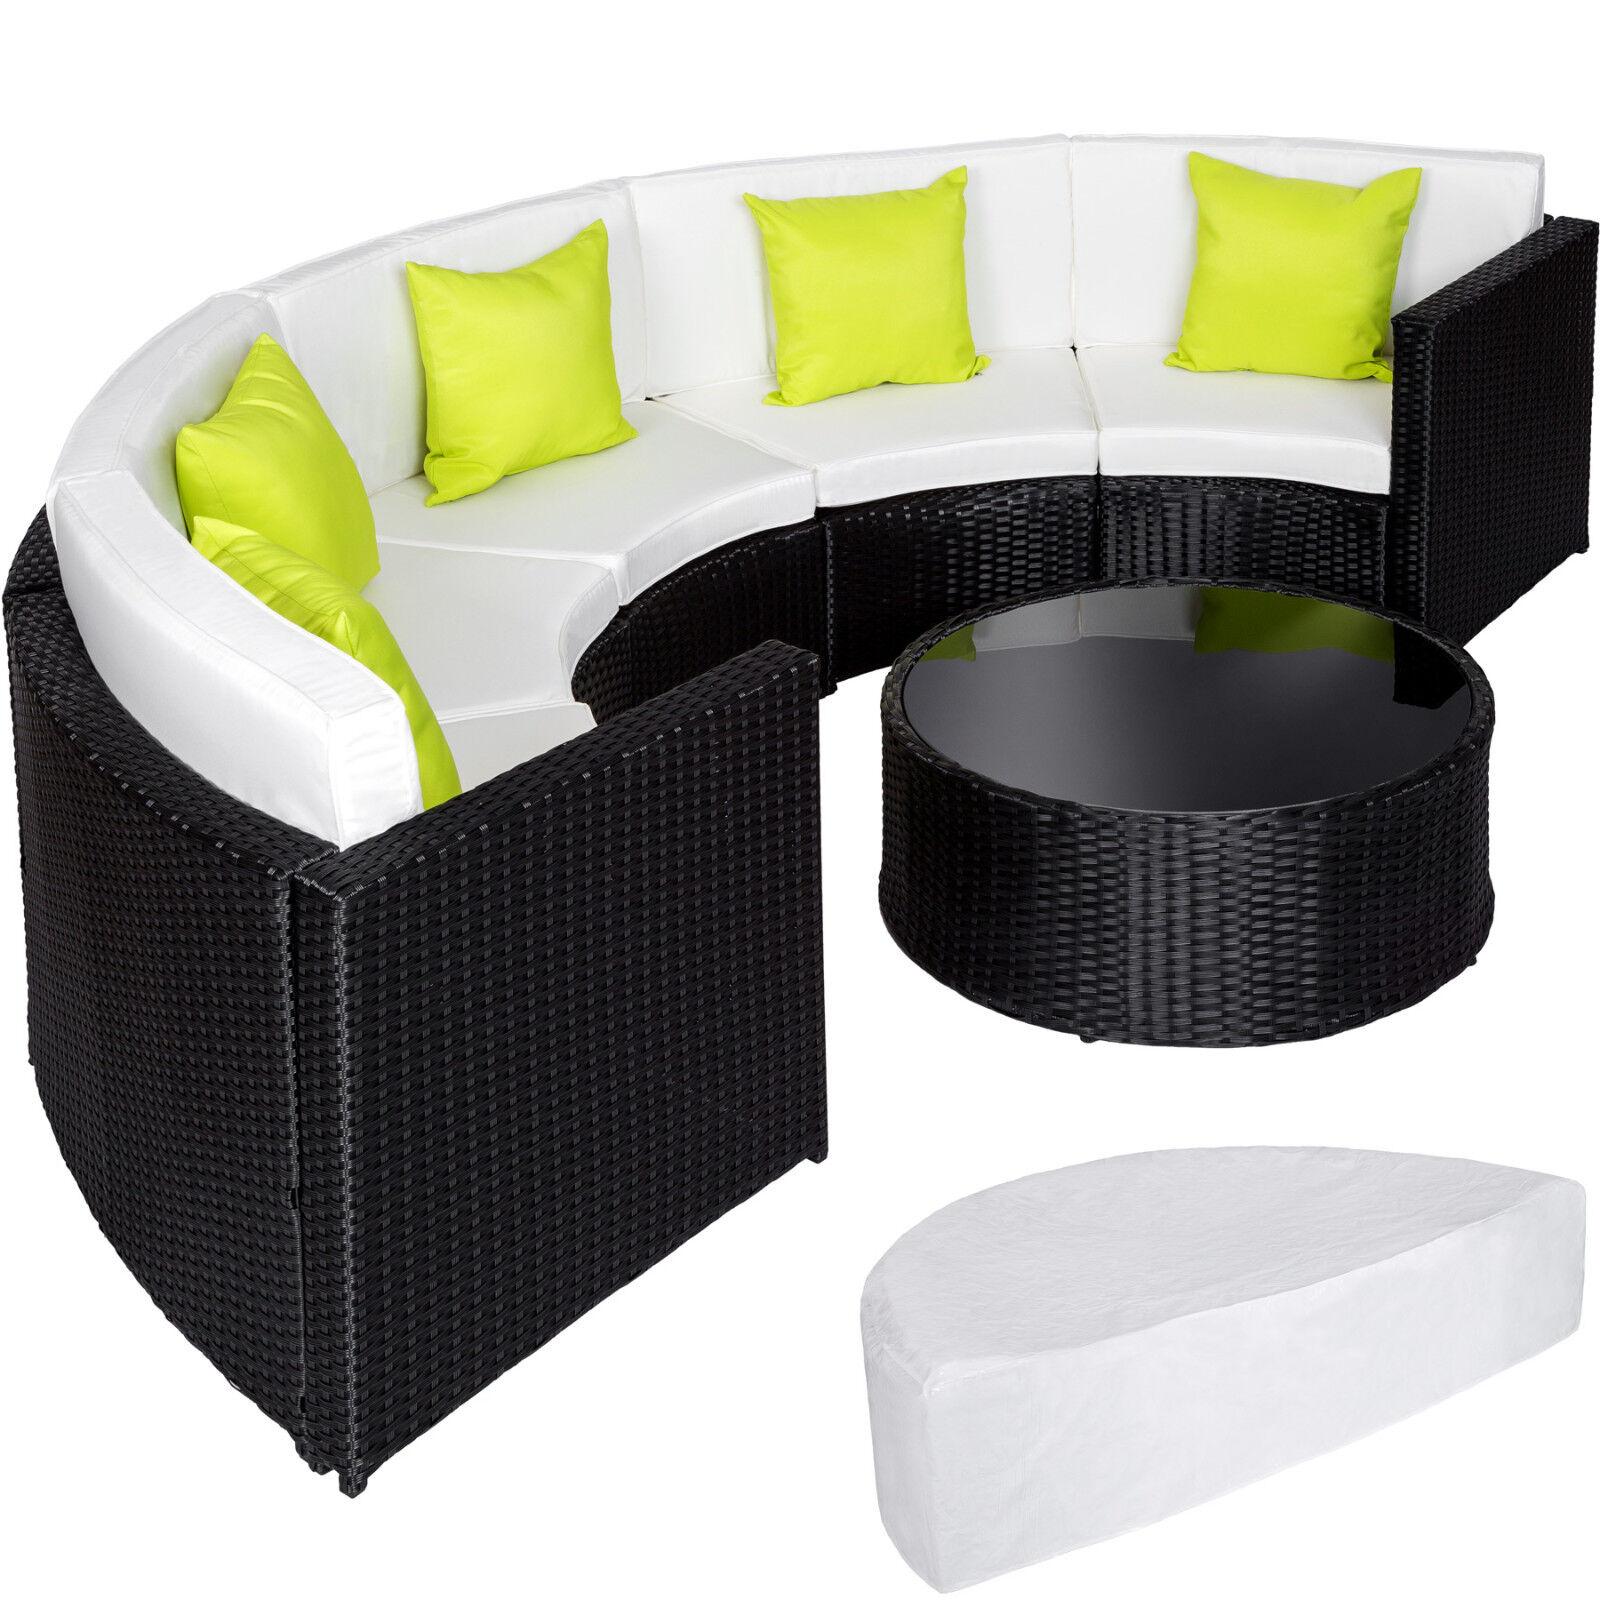 gartenmbel b ware trendy gartenmbel aus aus holz with gartenmbel b ware gallery of b ware. Black Bedroom Furniture Sets. Home Design Ideas